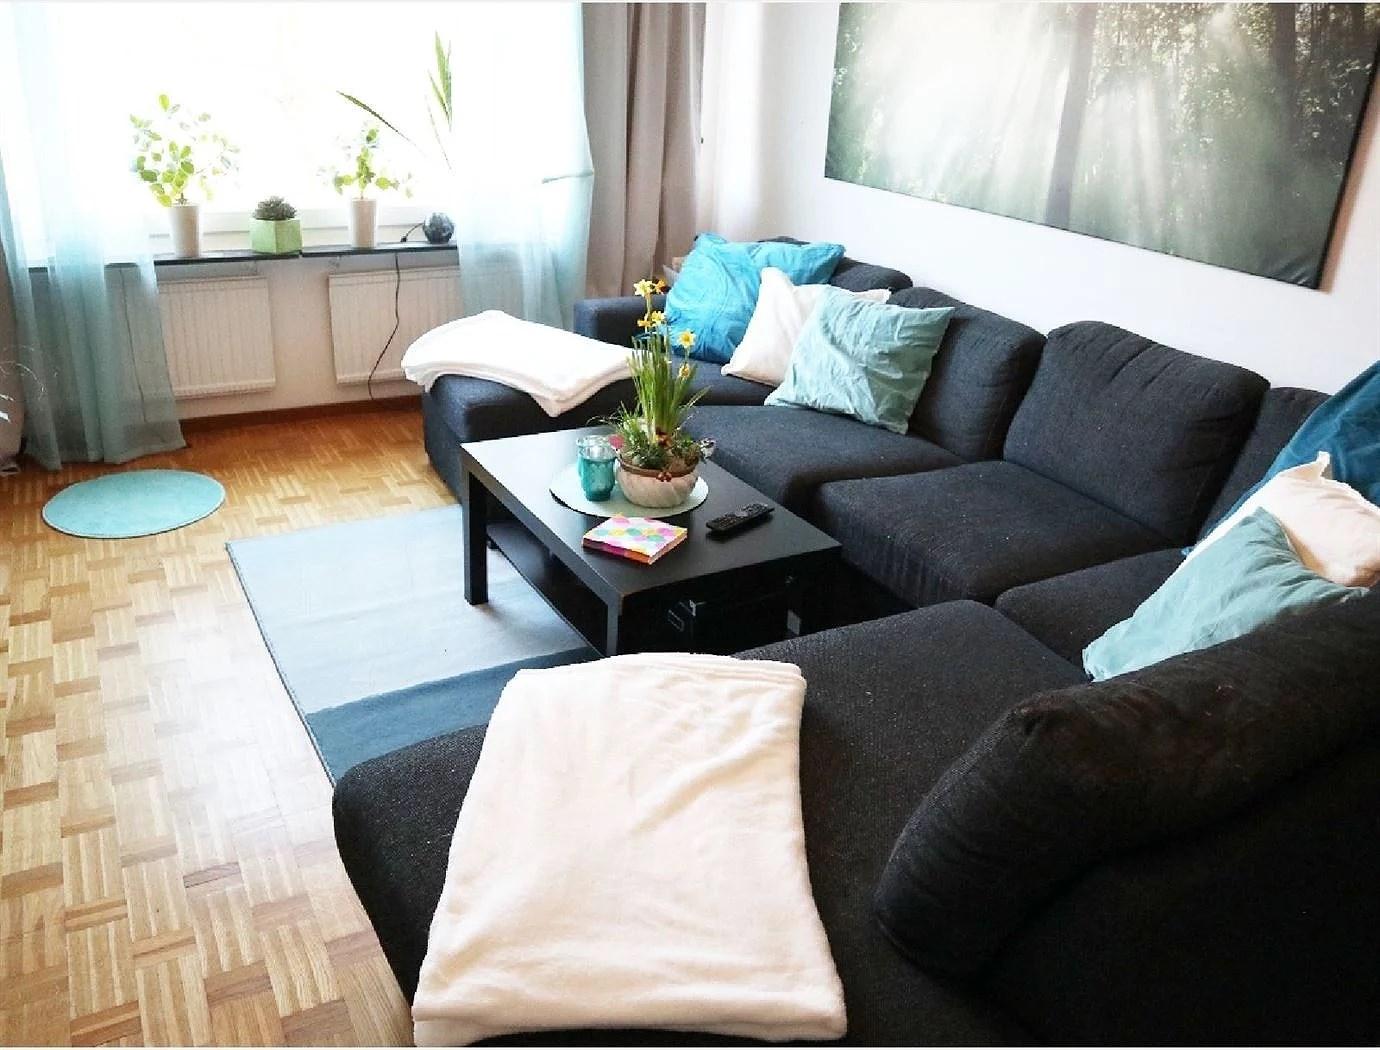 Gjort om vardagsrummet billigt